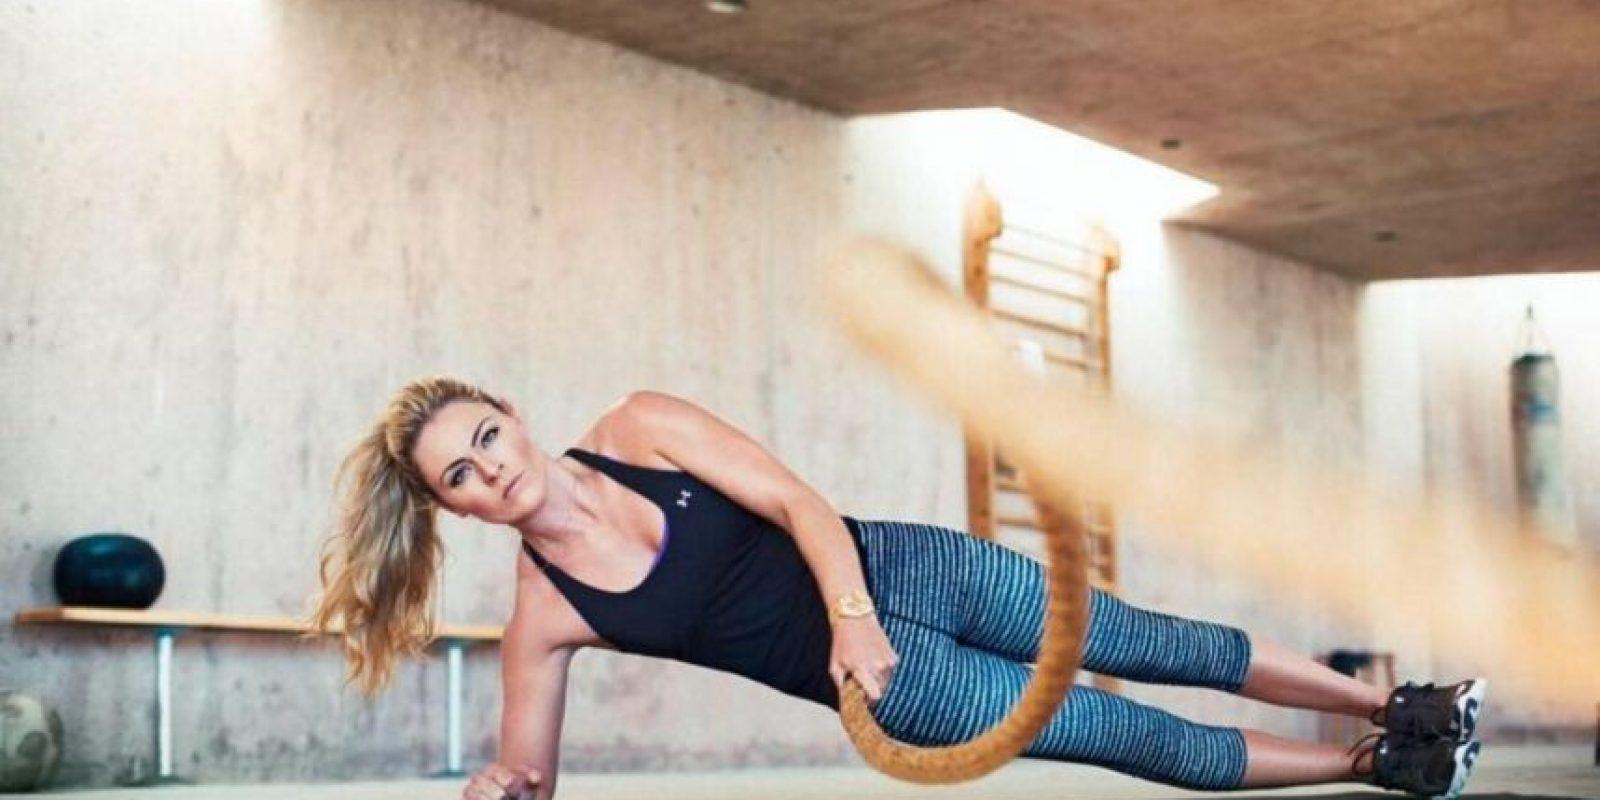 Ha participado en tres Juegos Olímpicos de Invierno (Salt Lake City 2002, Turín 2006 y Vancouver 2010) Foto:Vía instagram.com/lindseyvonn